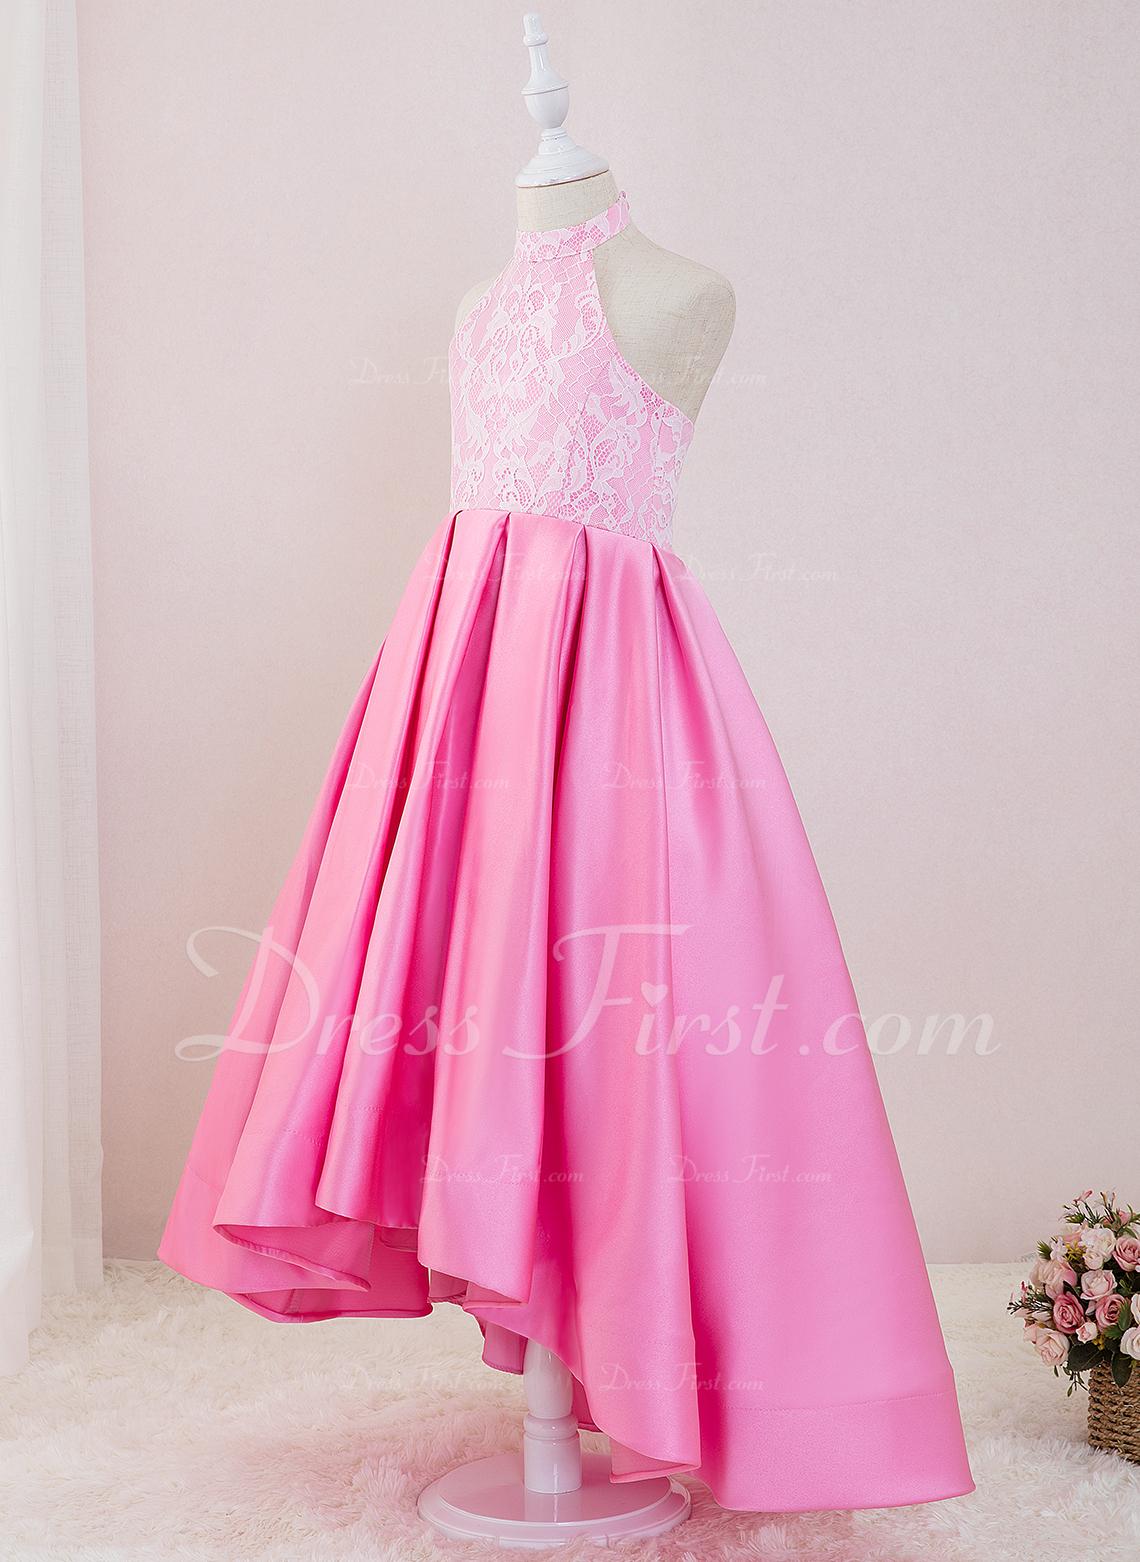 プリンセスライン 非対称 フラワーガールのドレス - サテン/レース 袖なし ホルター